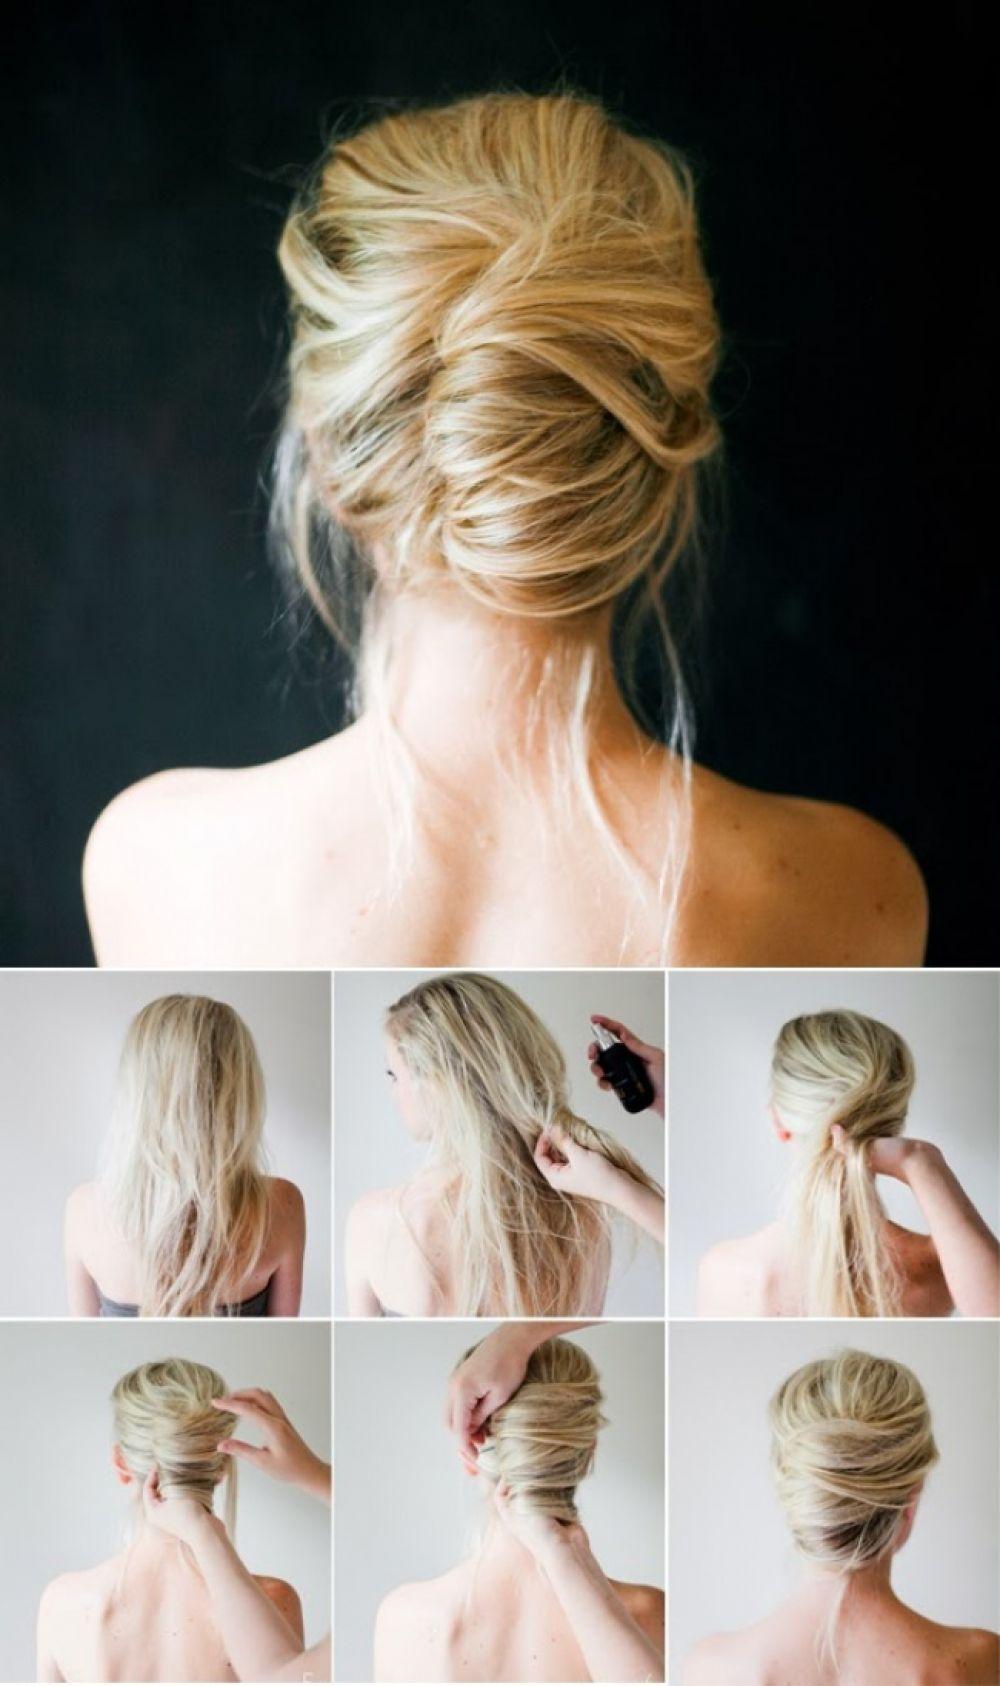 фото Простых причесок на средние волосы - 15